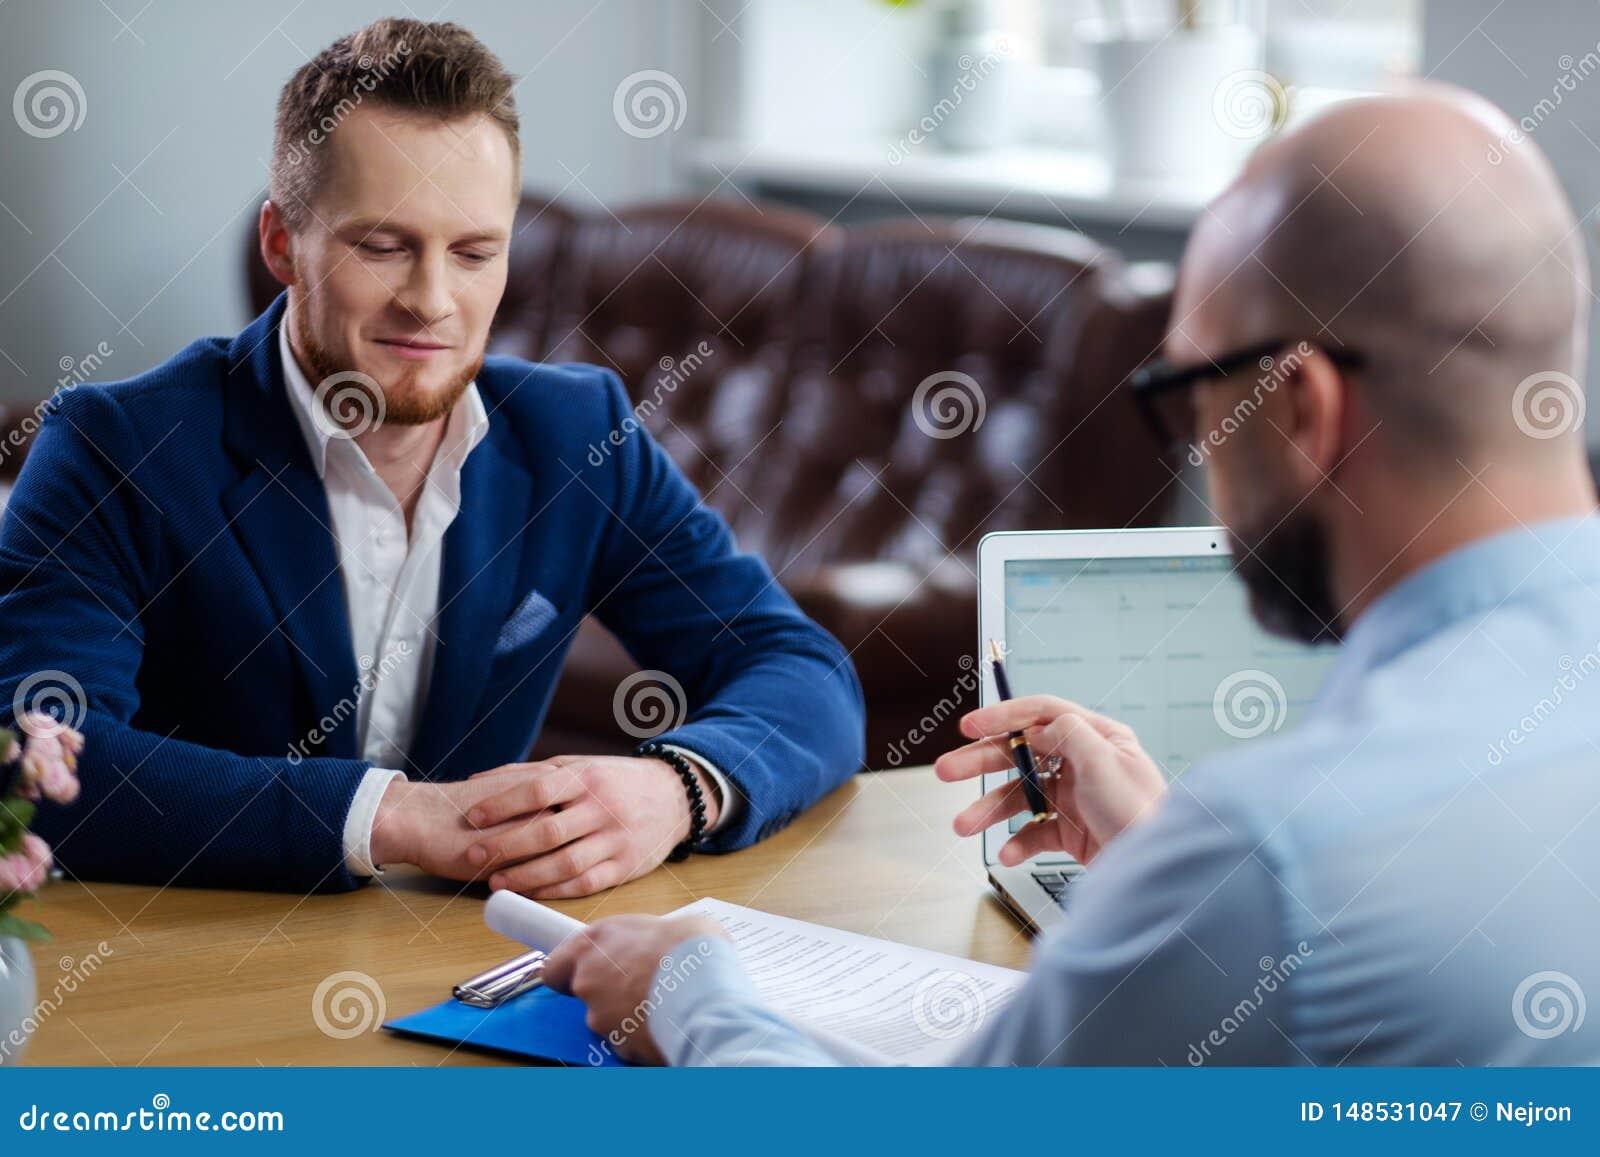 Hombre confiado que asiste a entrevista de trabajo